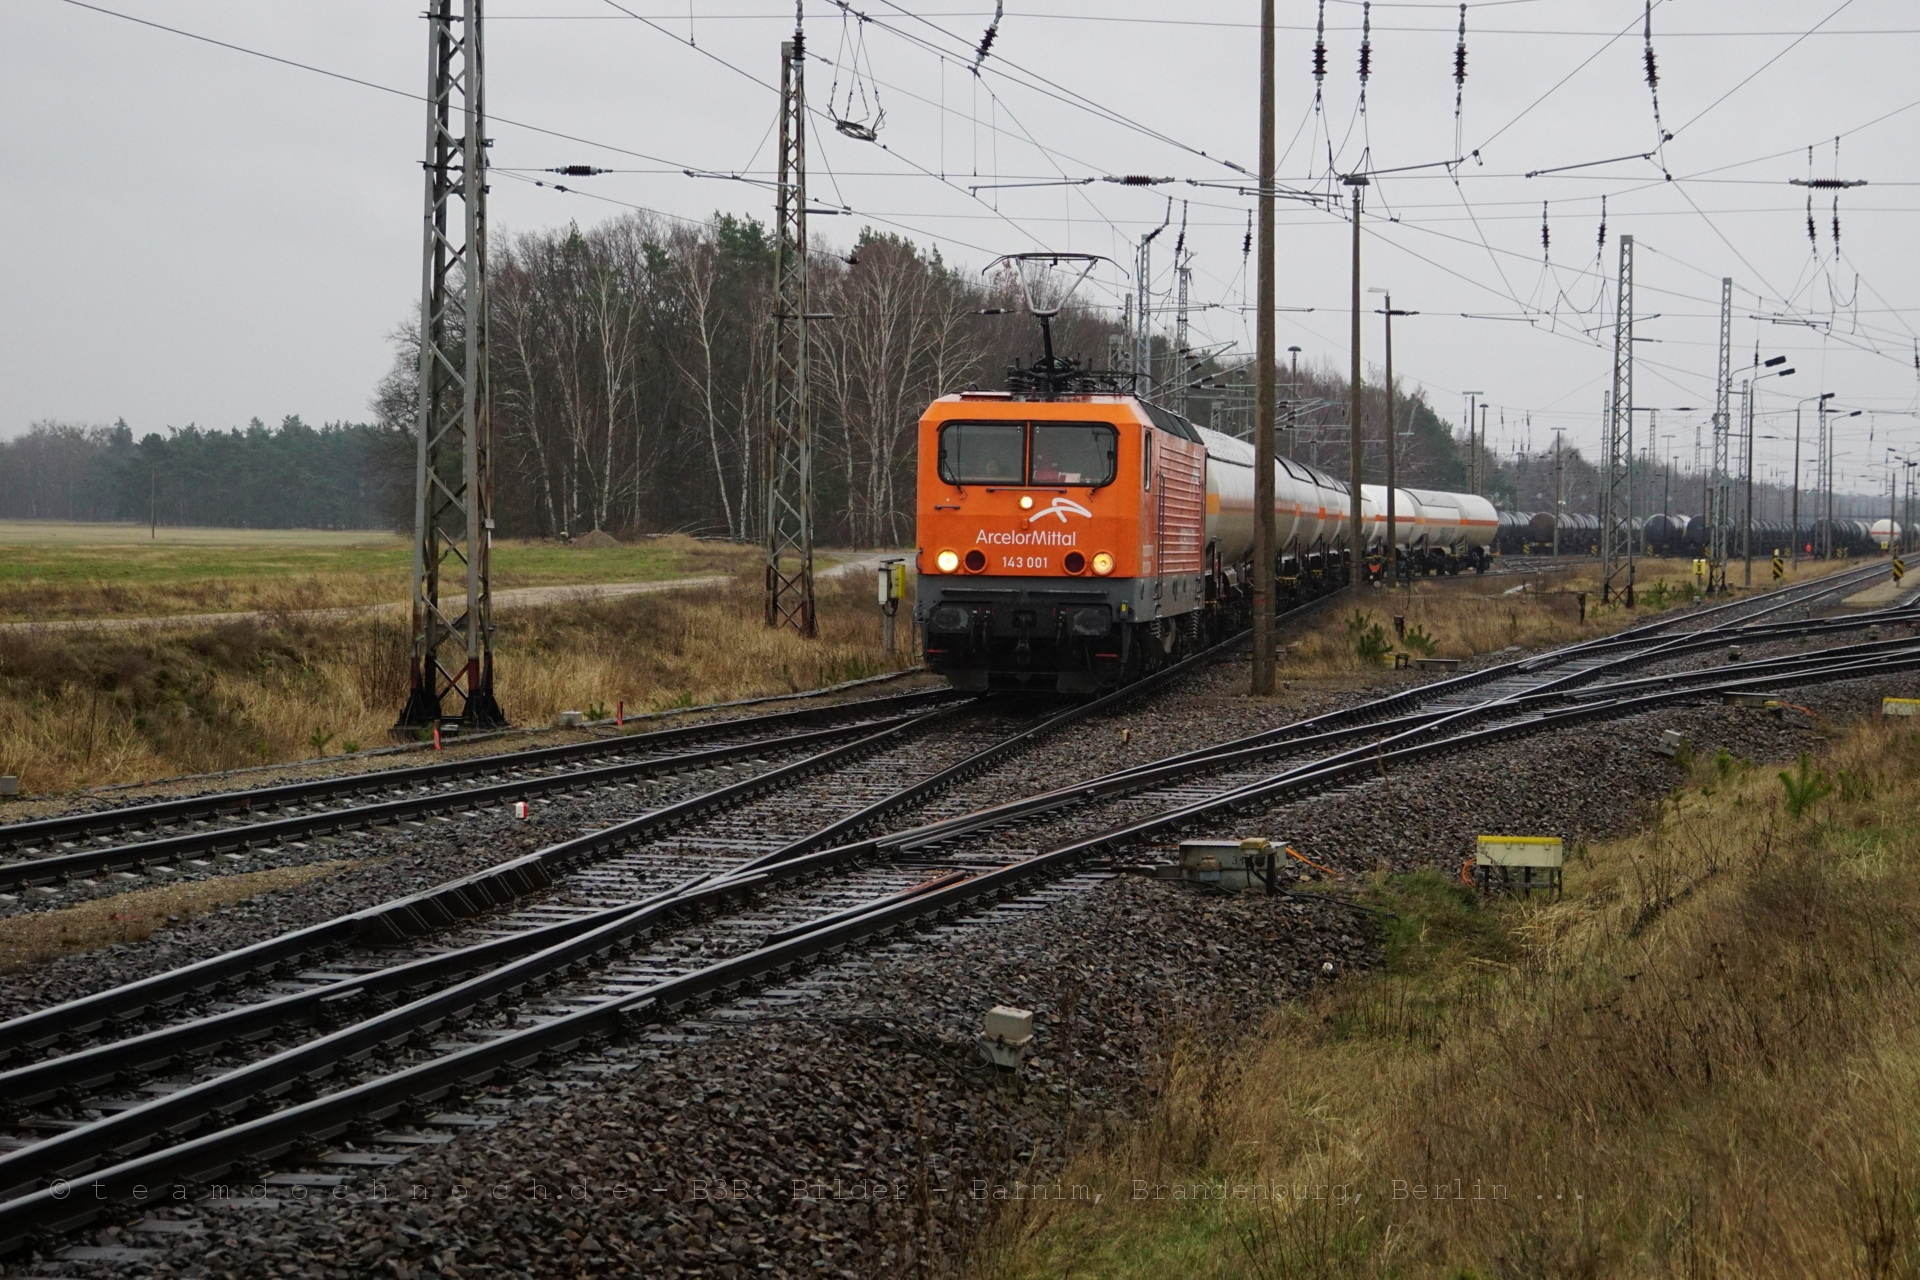 ARCELOR 143 001 verläßt den Güterbahnhof Stendell